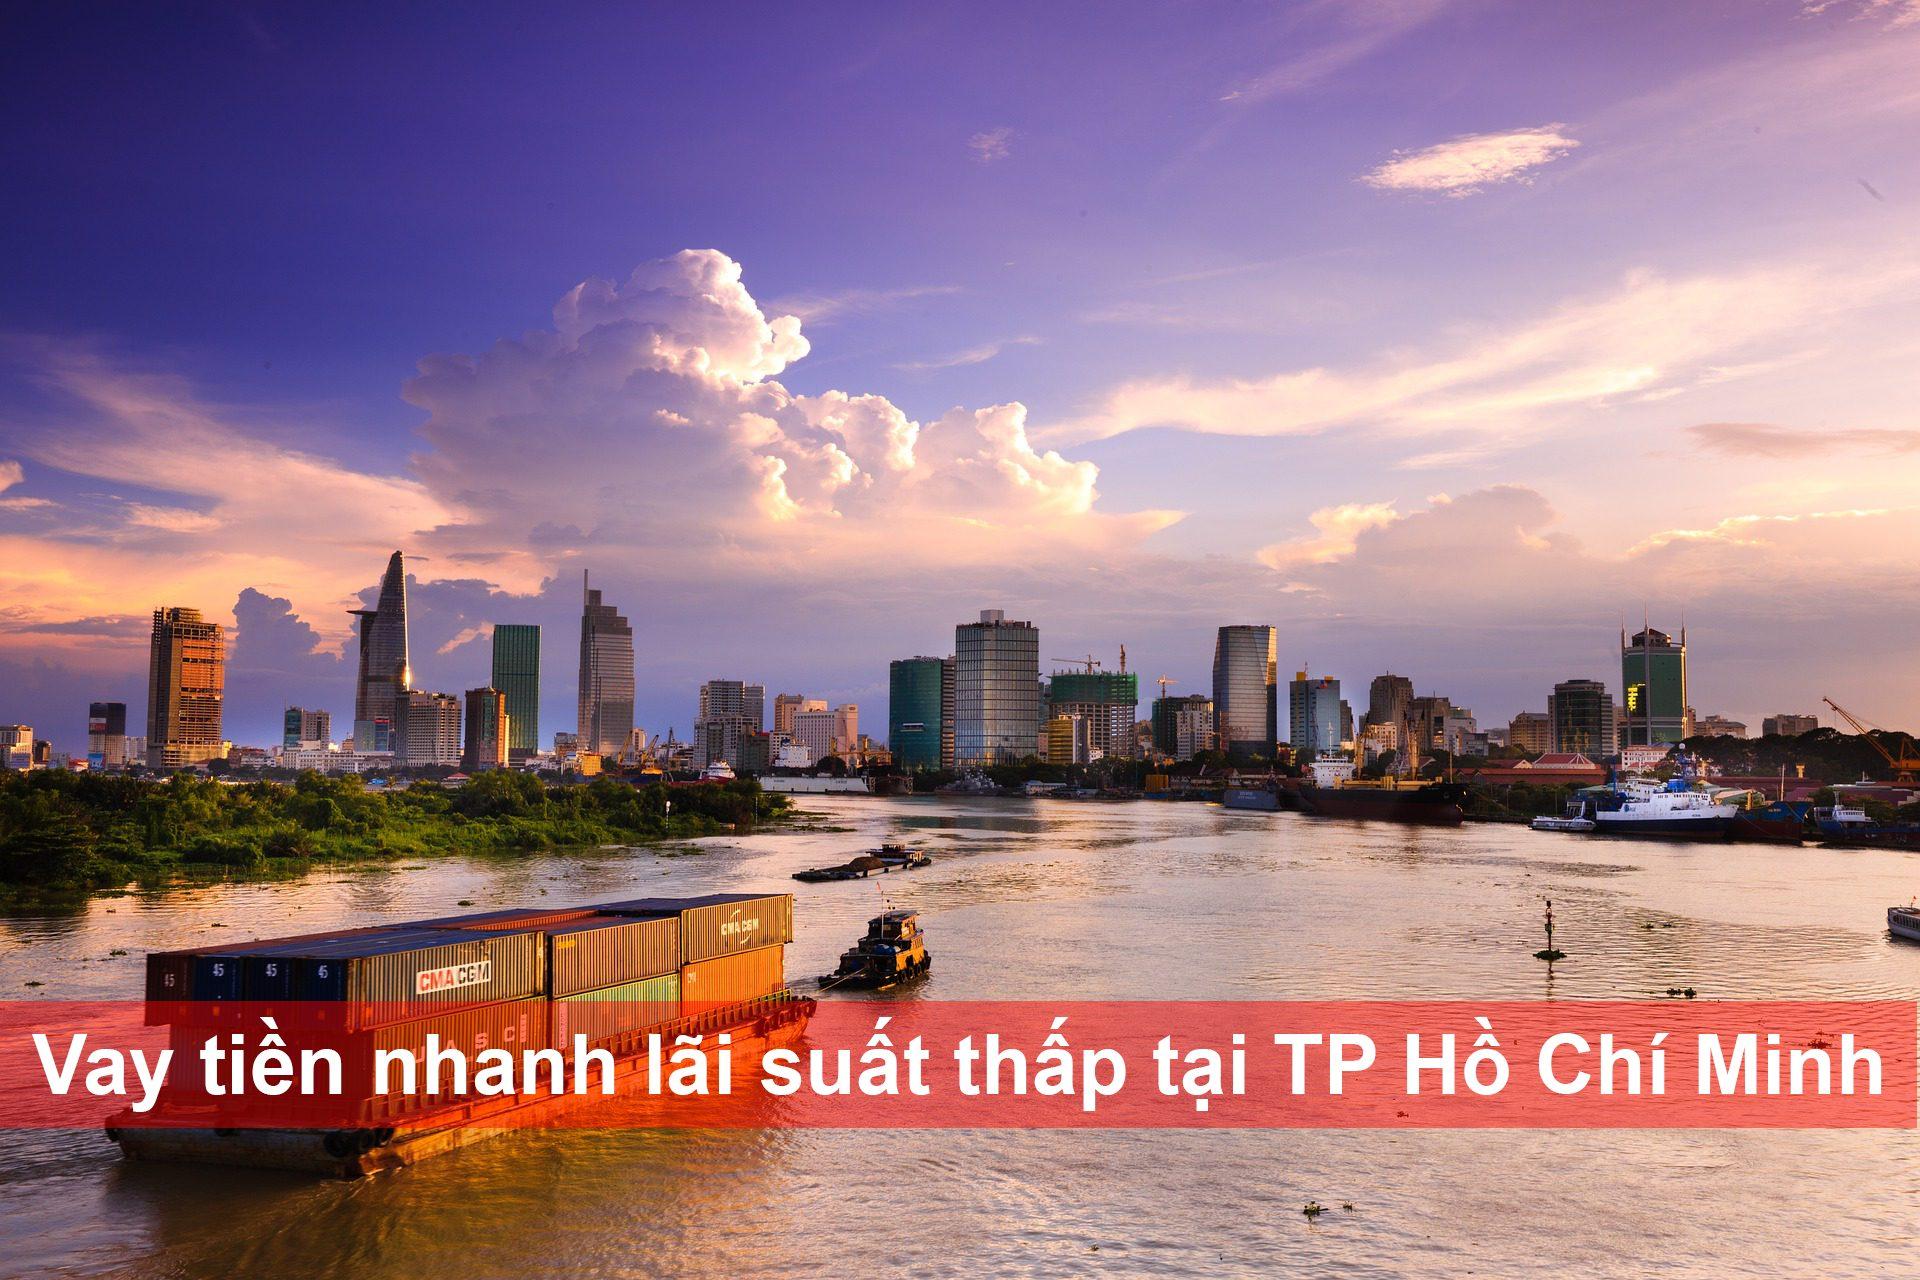 Hướng dẫn vay tiền nhanh lãi suất thấp tại TpHCM